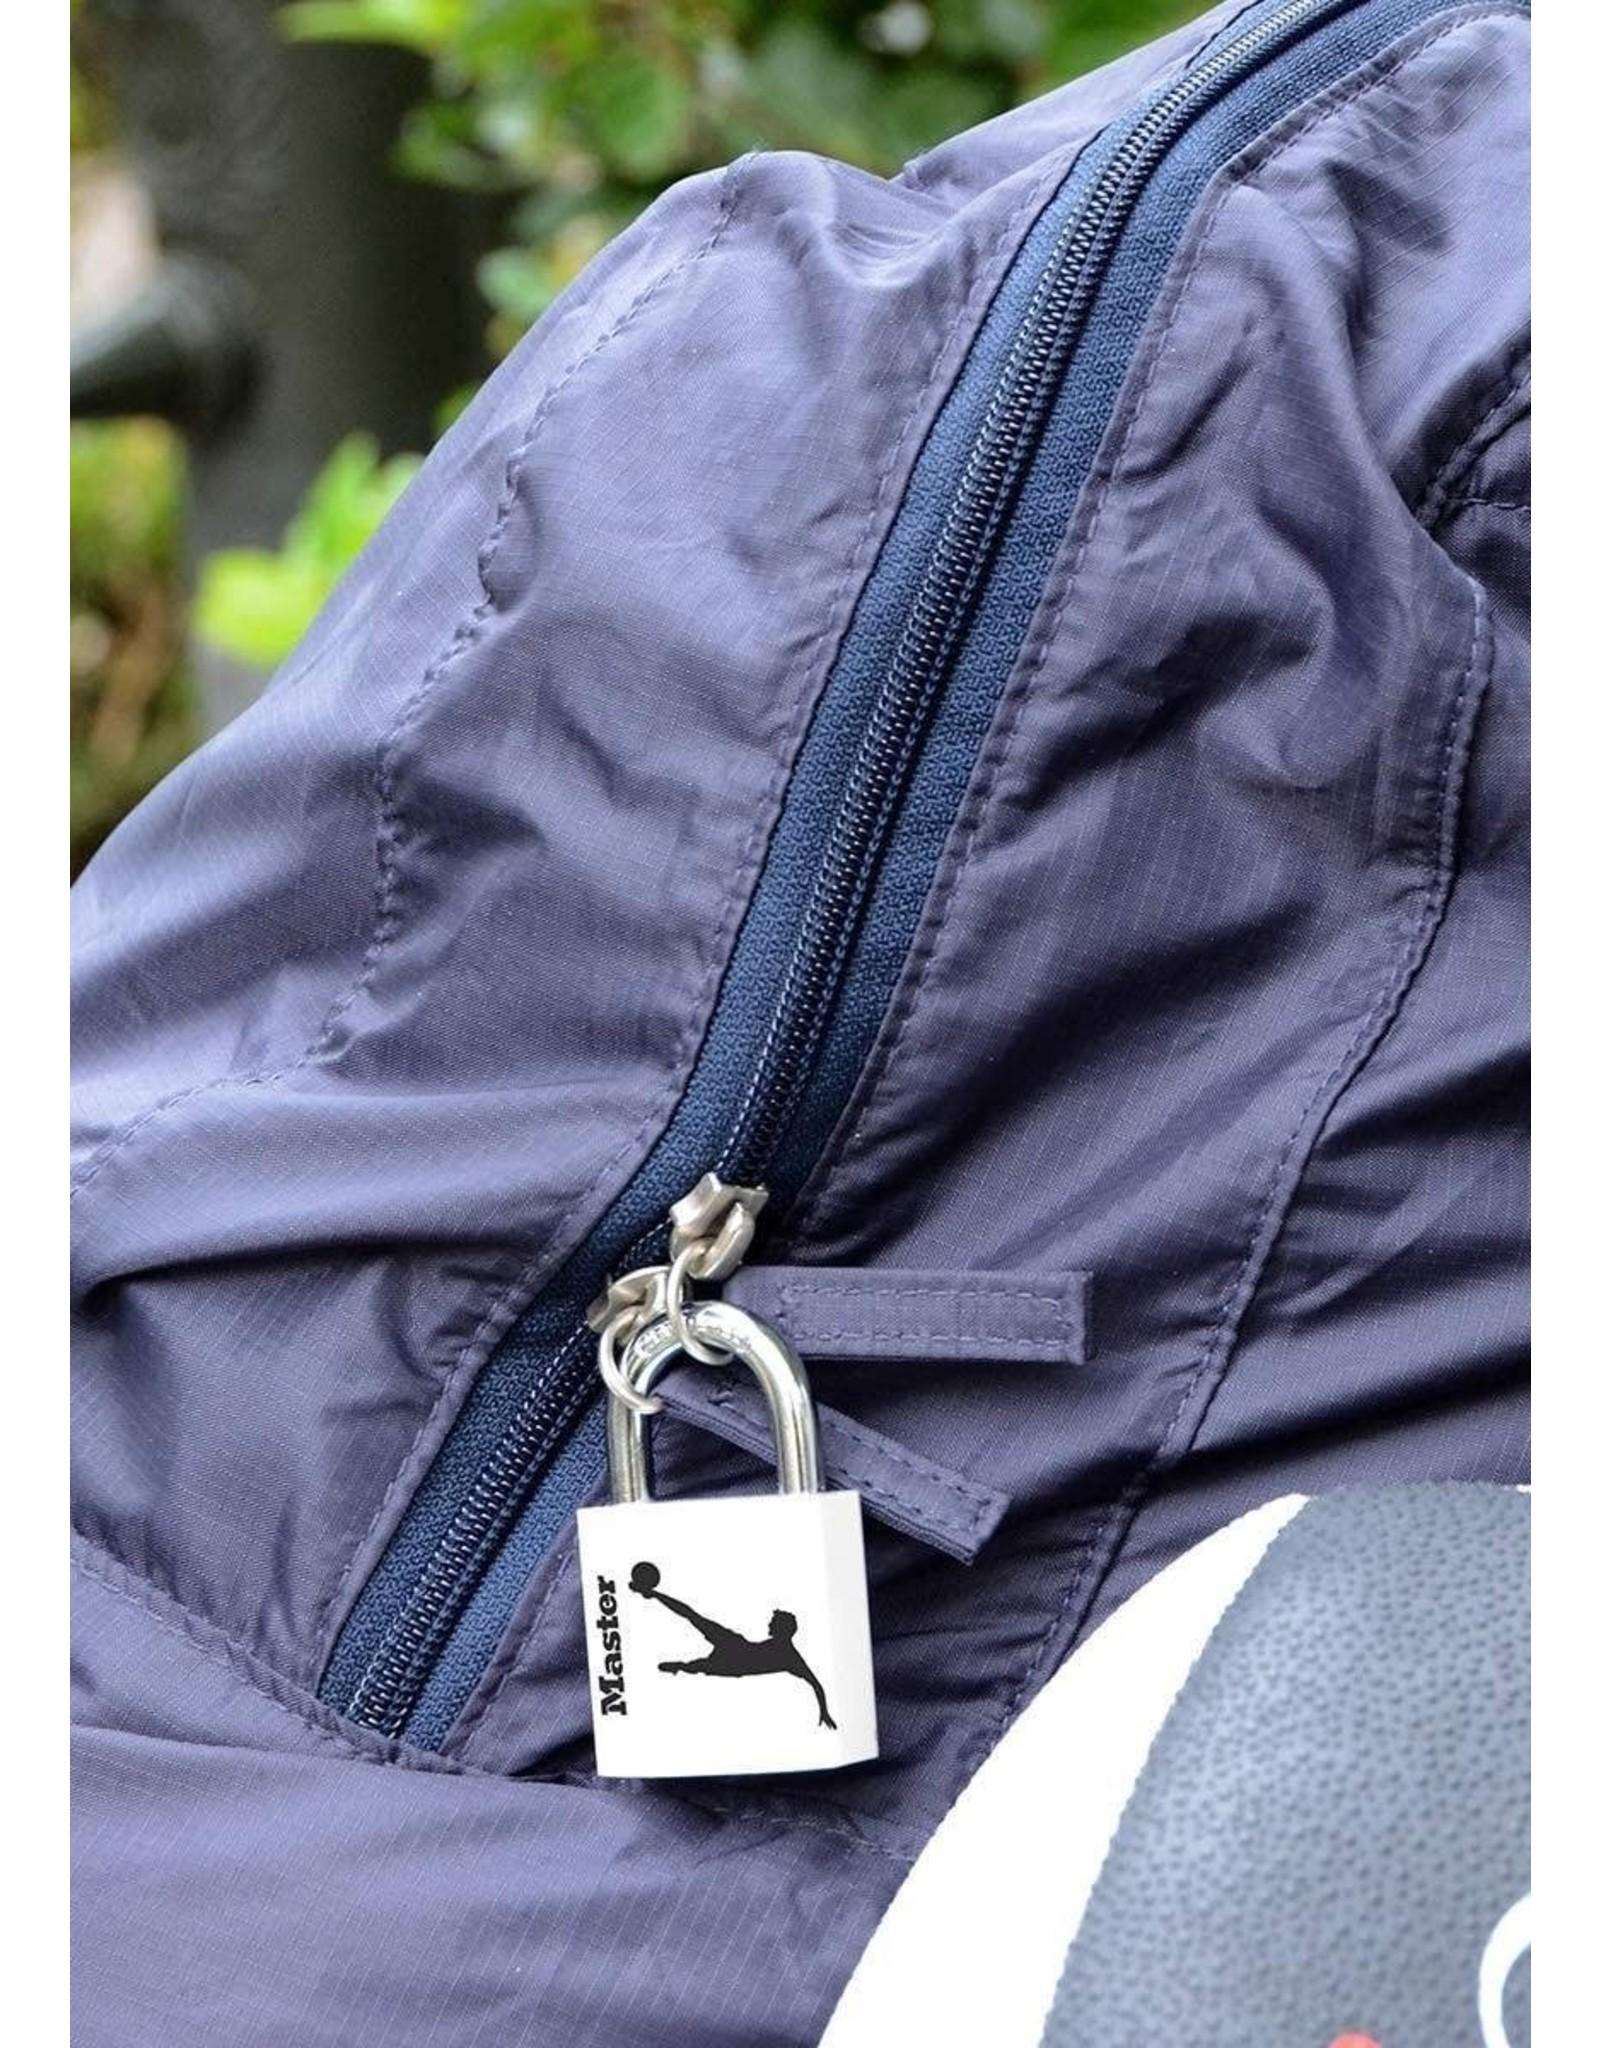 MasterLock Masterlock - Sport Package - Beveiligings Sloten